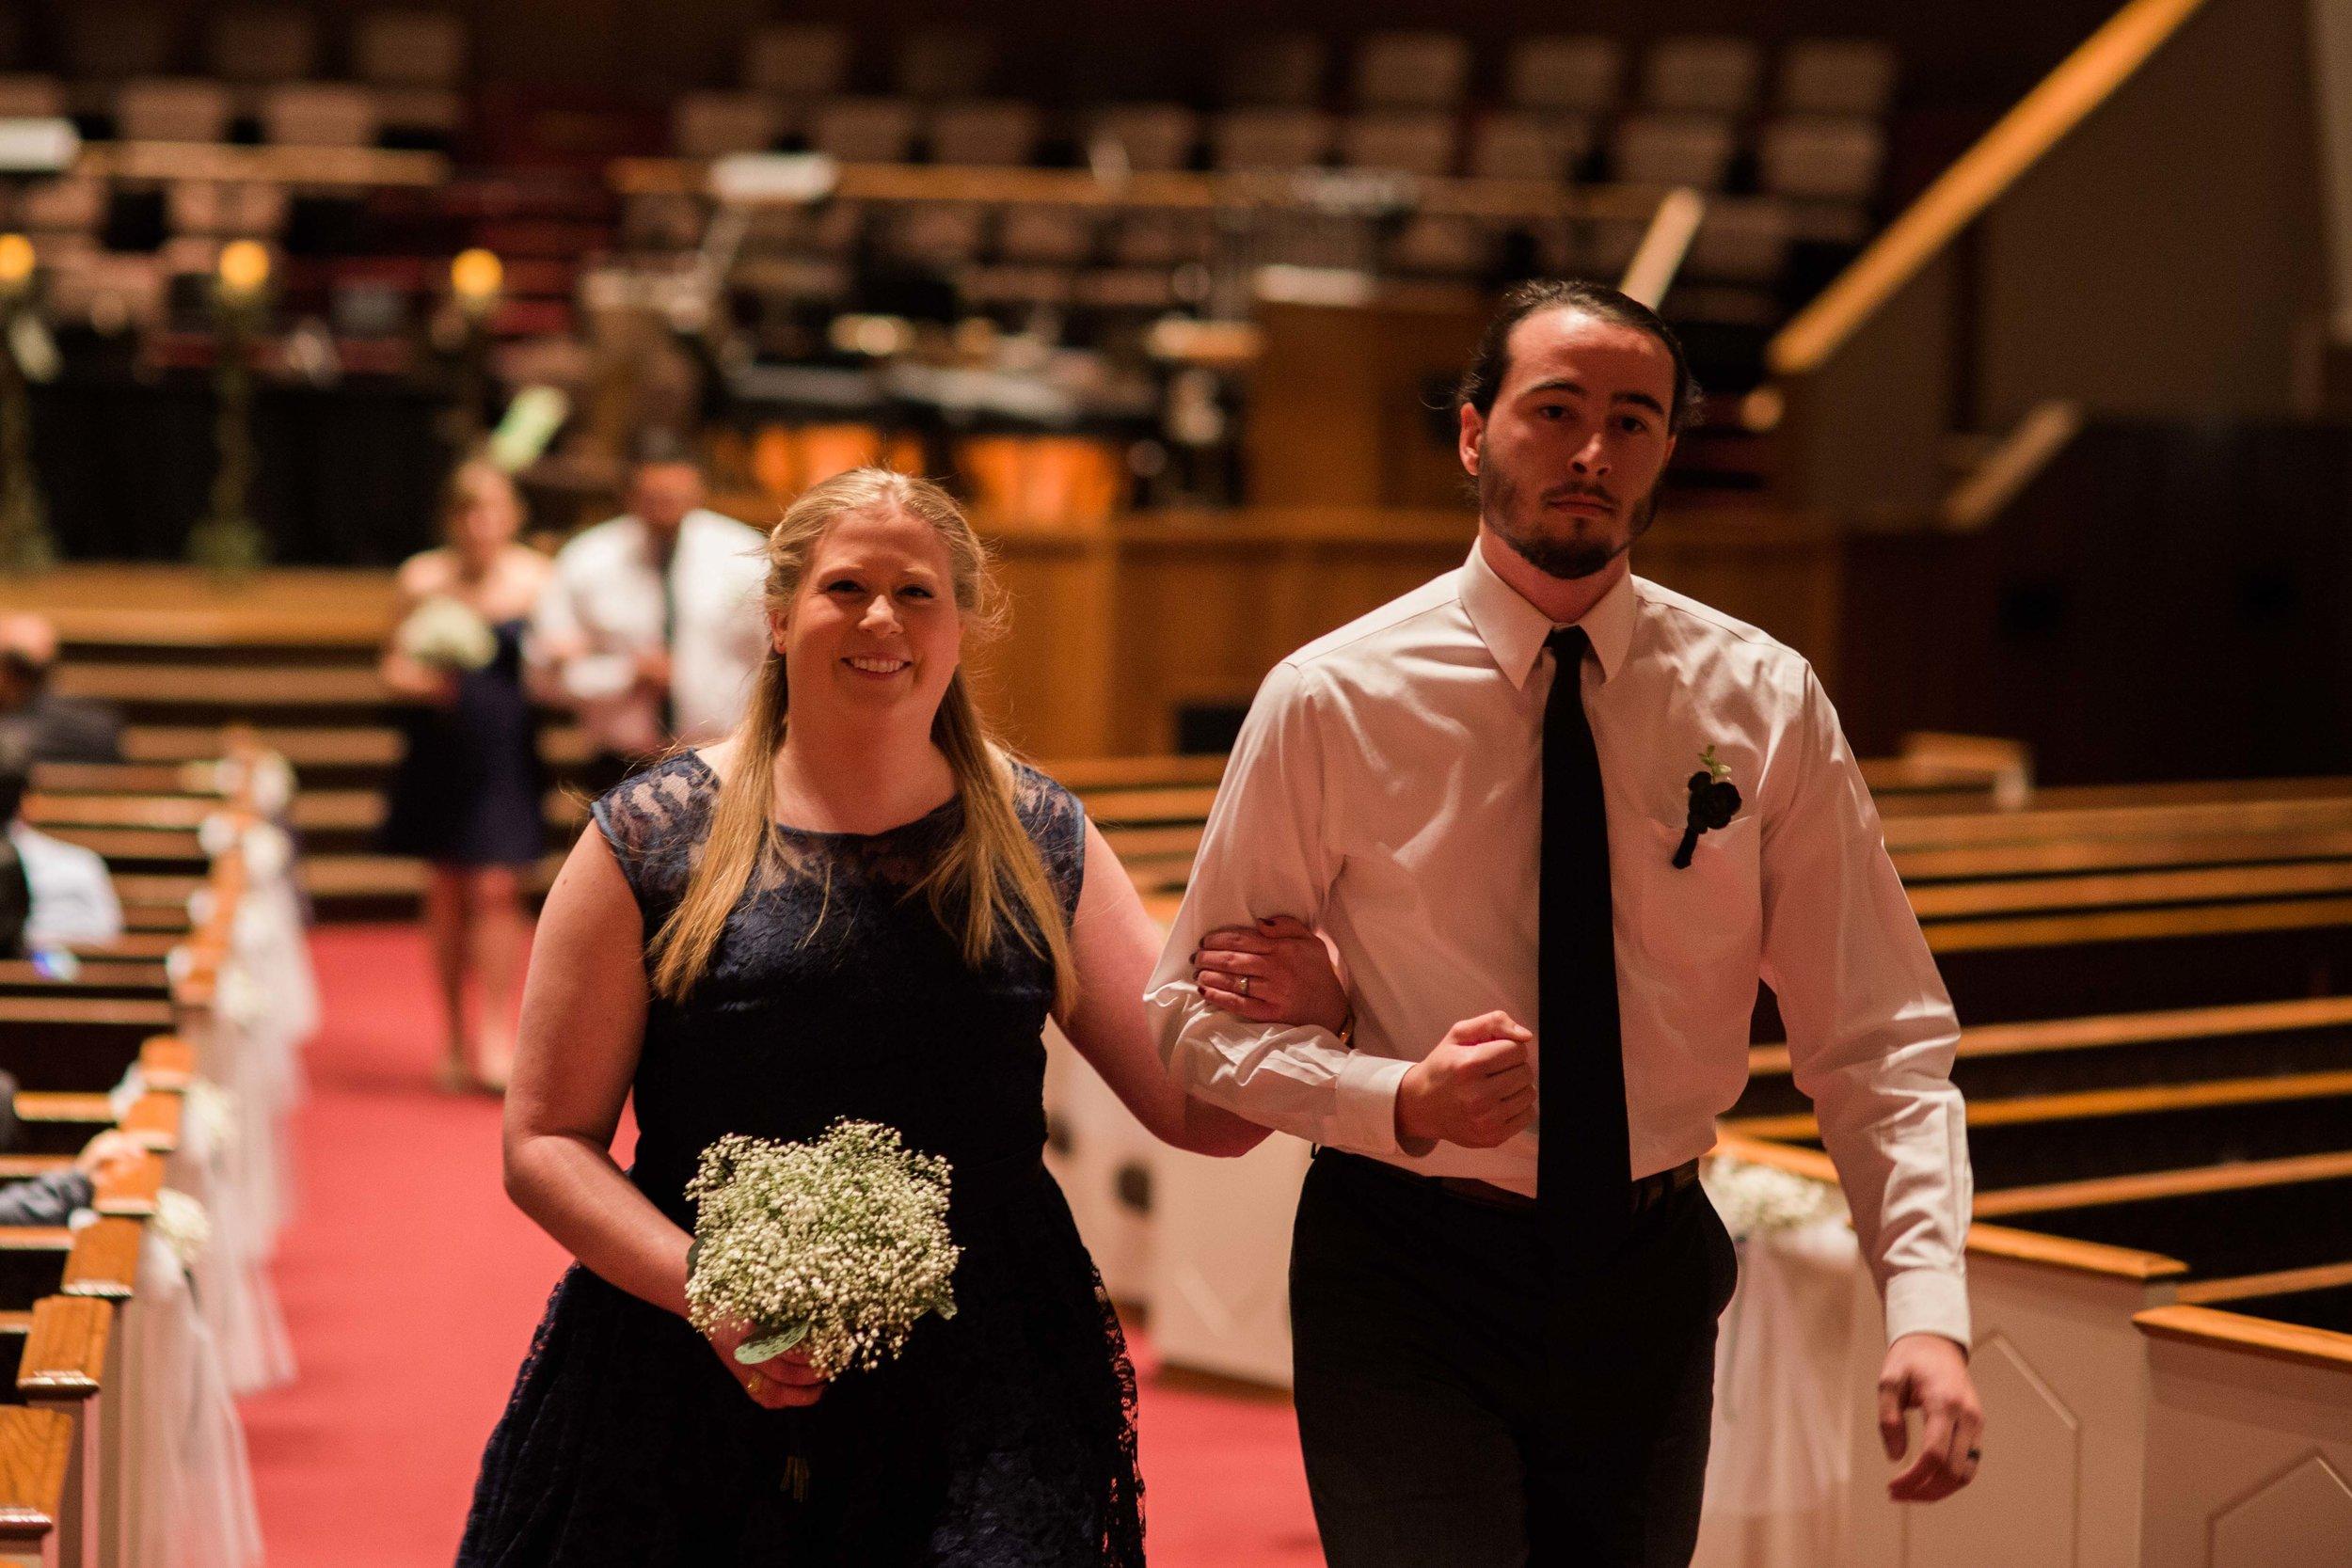 Courtney and Daniel